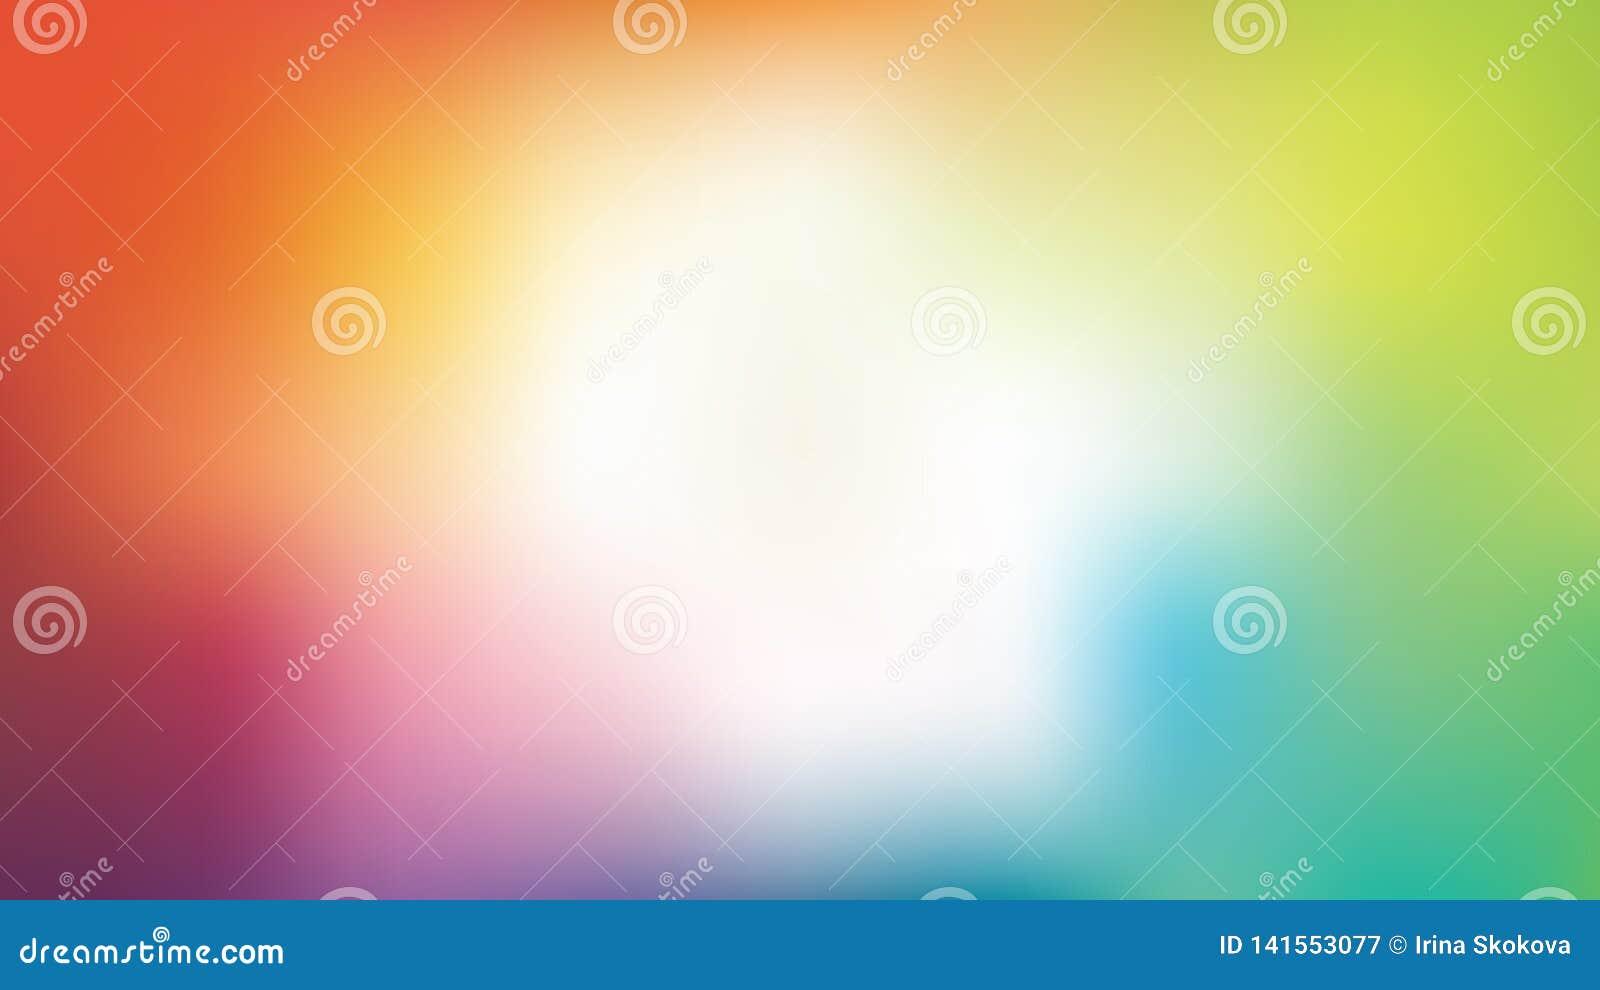 Wektorowy kolorowy plamy tło z białym centre